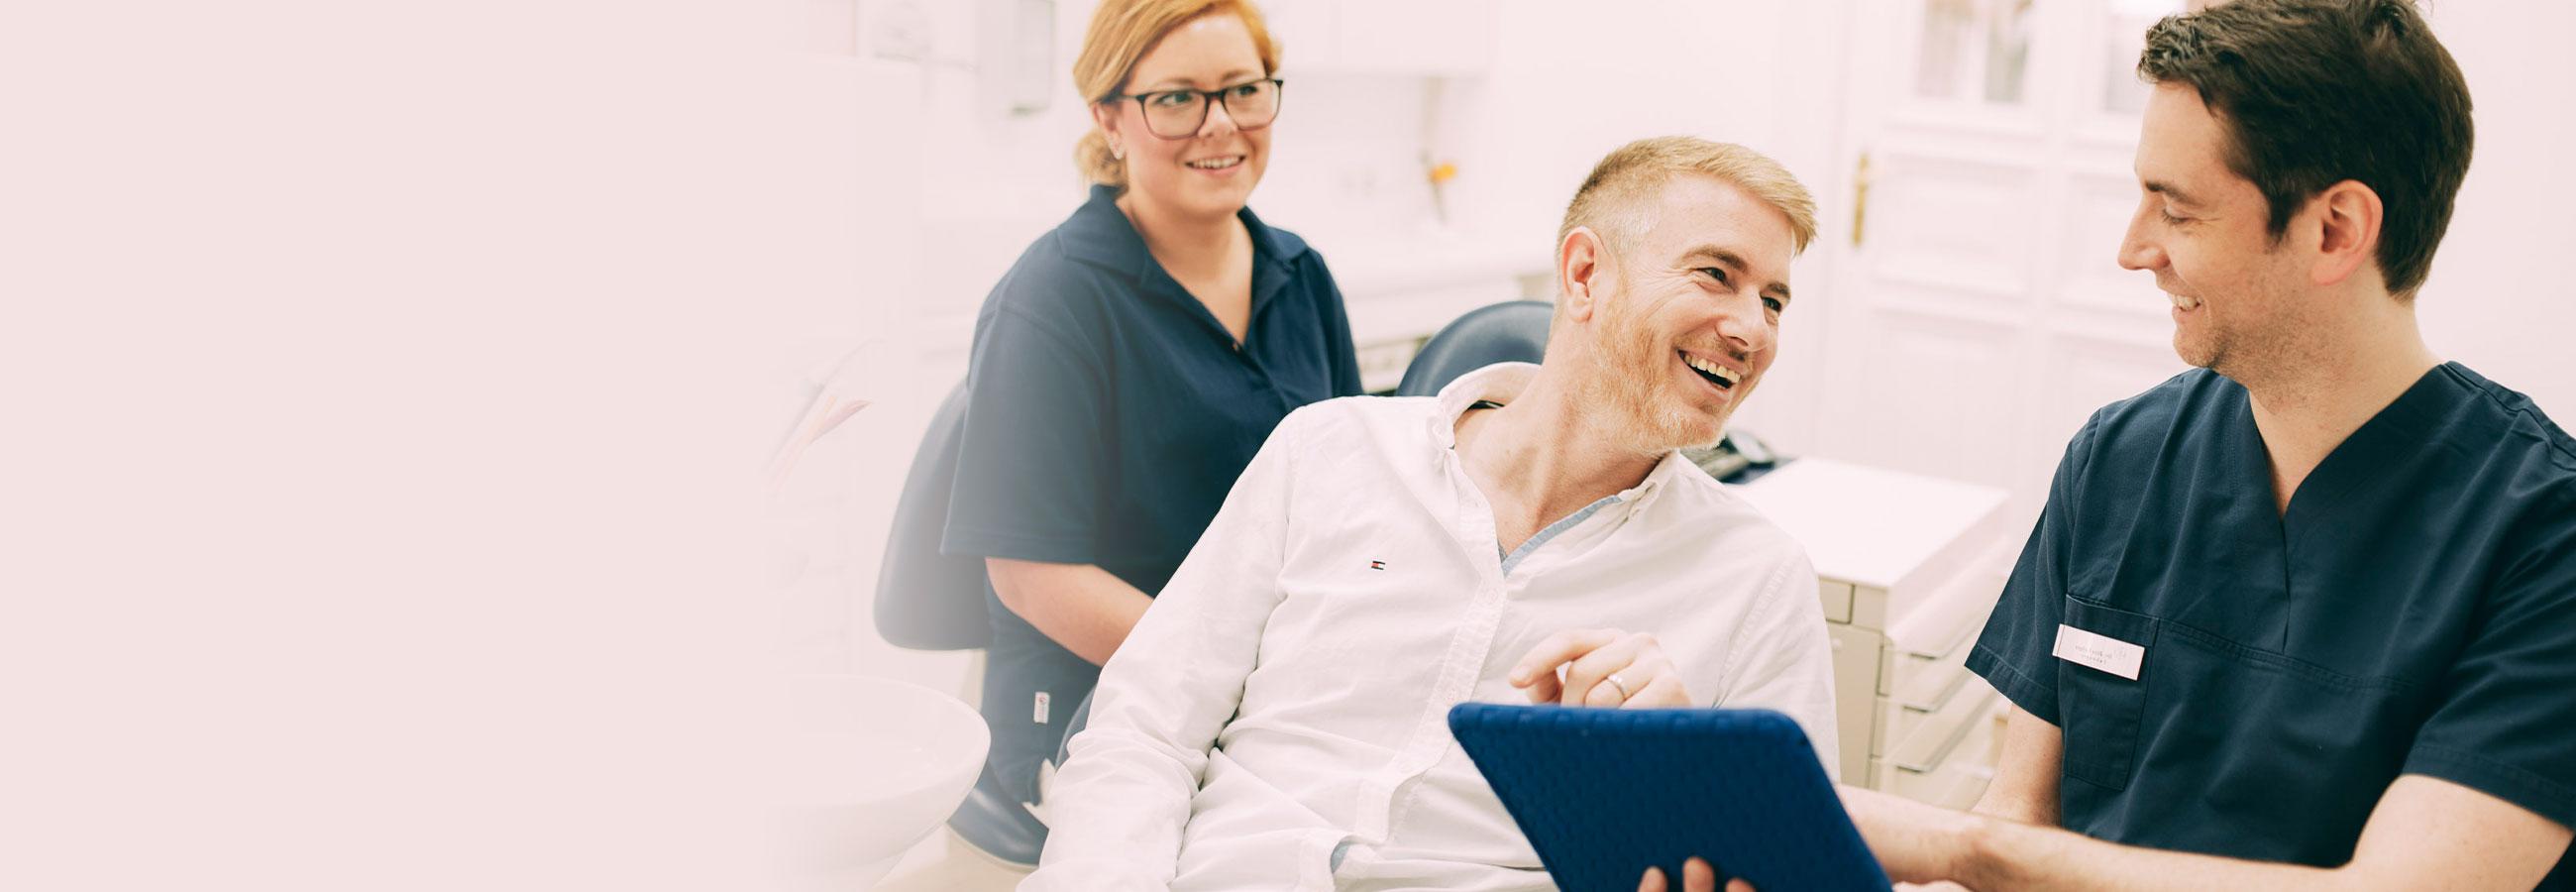 Mann lässt sich zur ästhetischen Zahnheilkunde in Berlin-Spandau beraten.